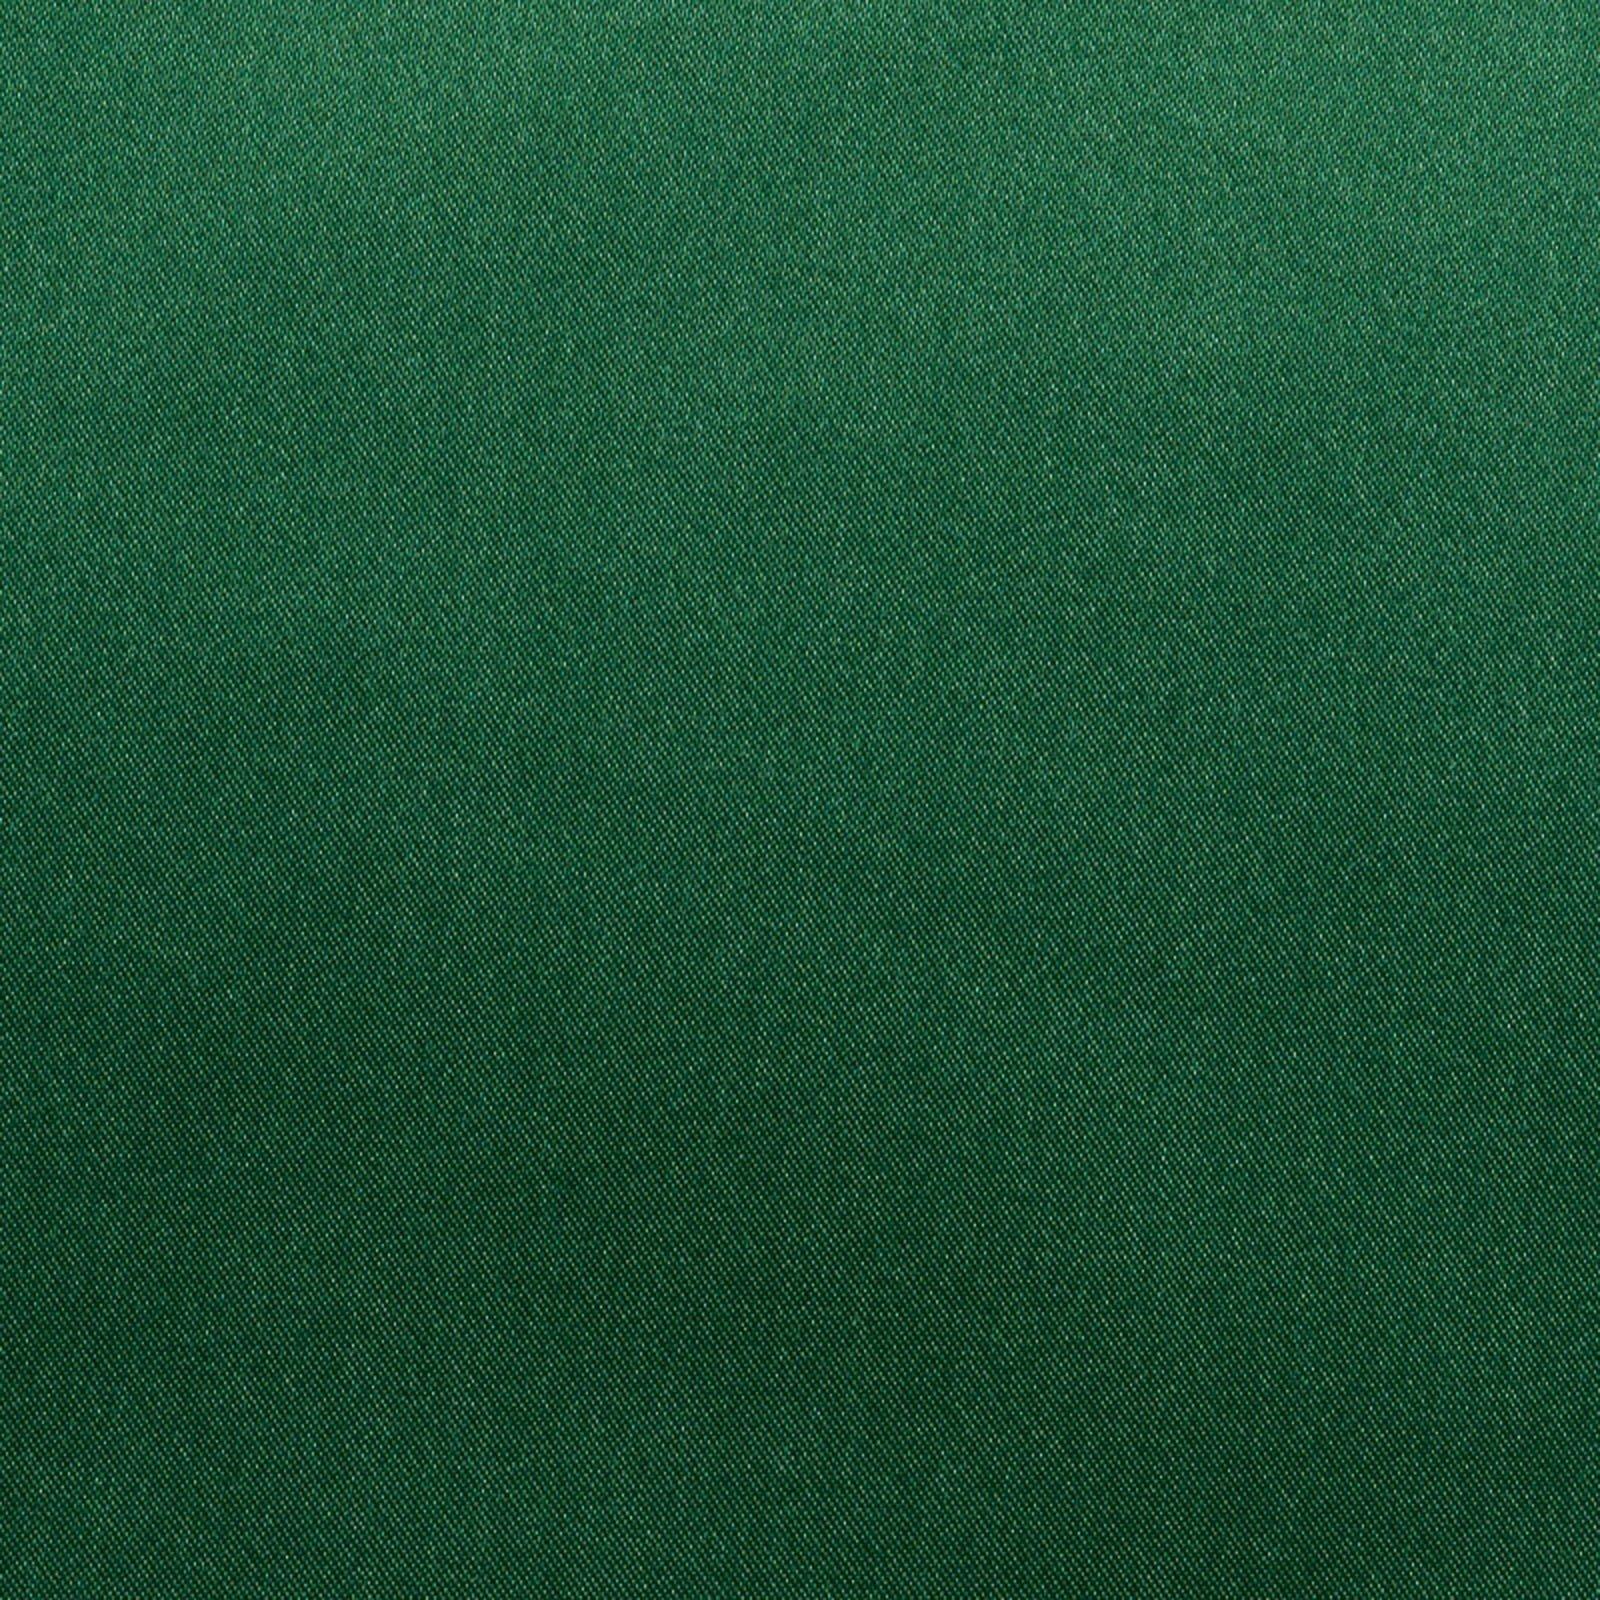 Satin - Emerald<br/>Plastex Int'l 613-EME